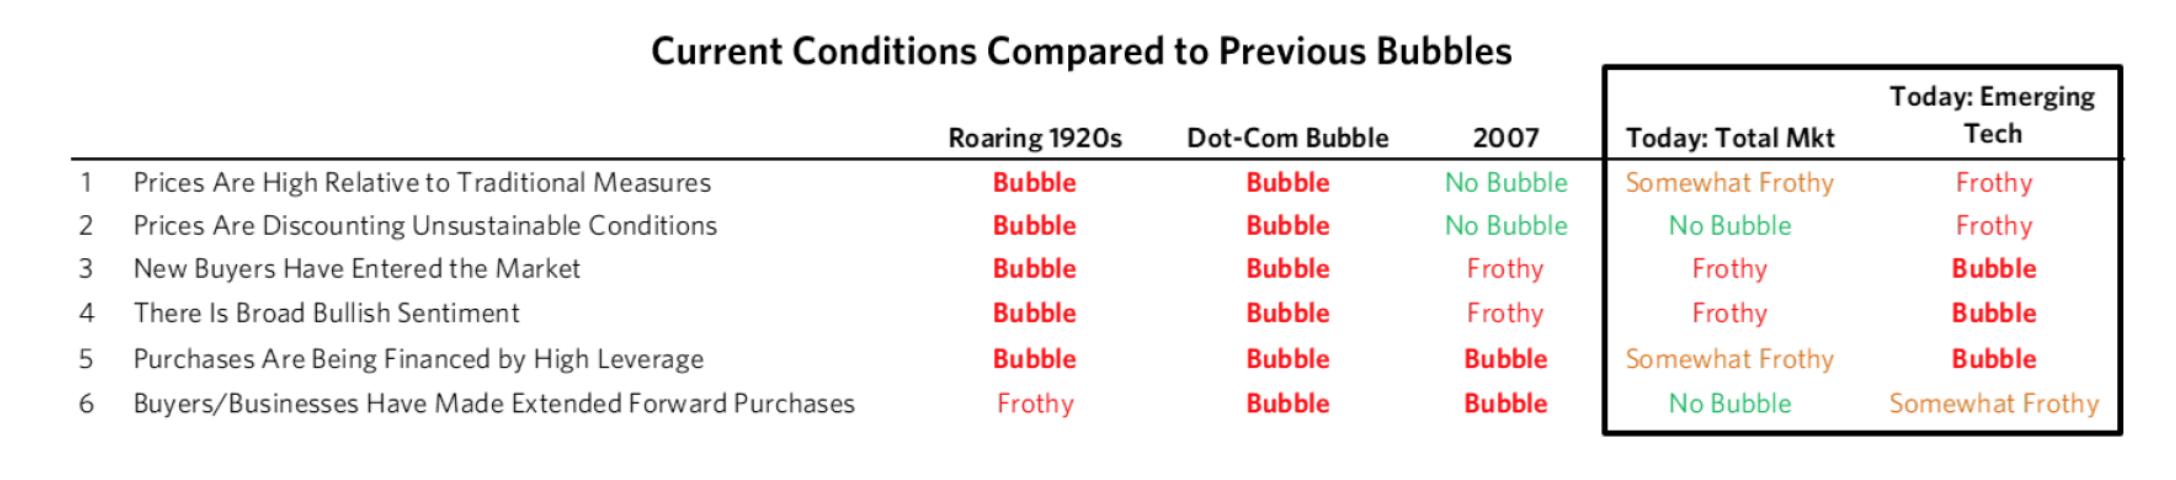 要怎么找可以上网赚钱的办法?达利欧谈美股市场泡沫:还没到历史最严重水平 利好非泡沫股